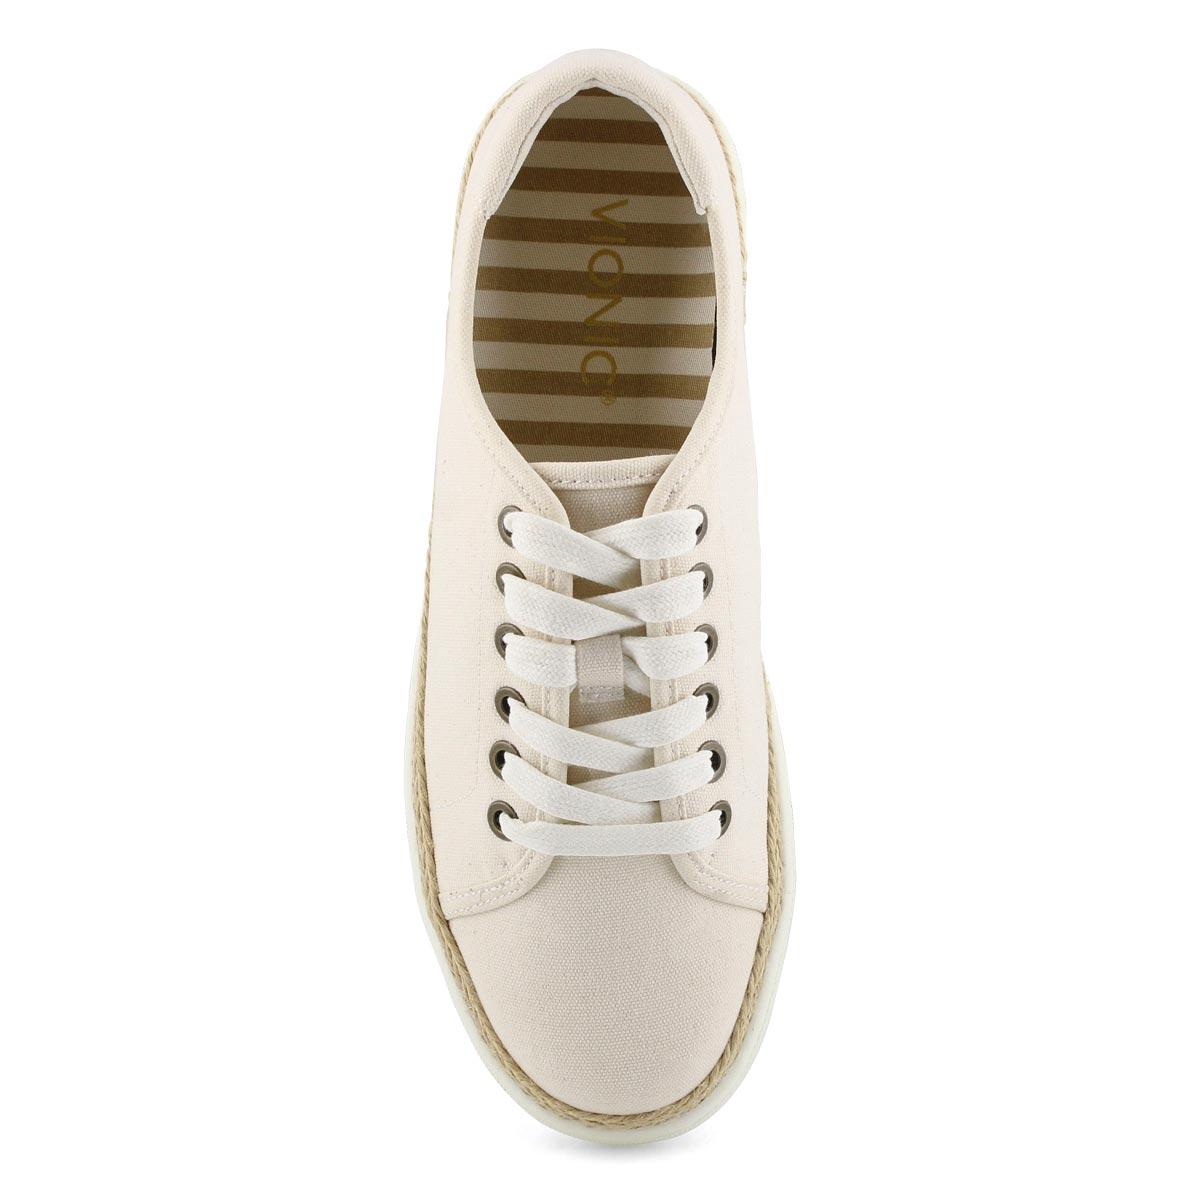 Lds Hattie ivory lace up sneaker